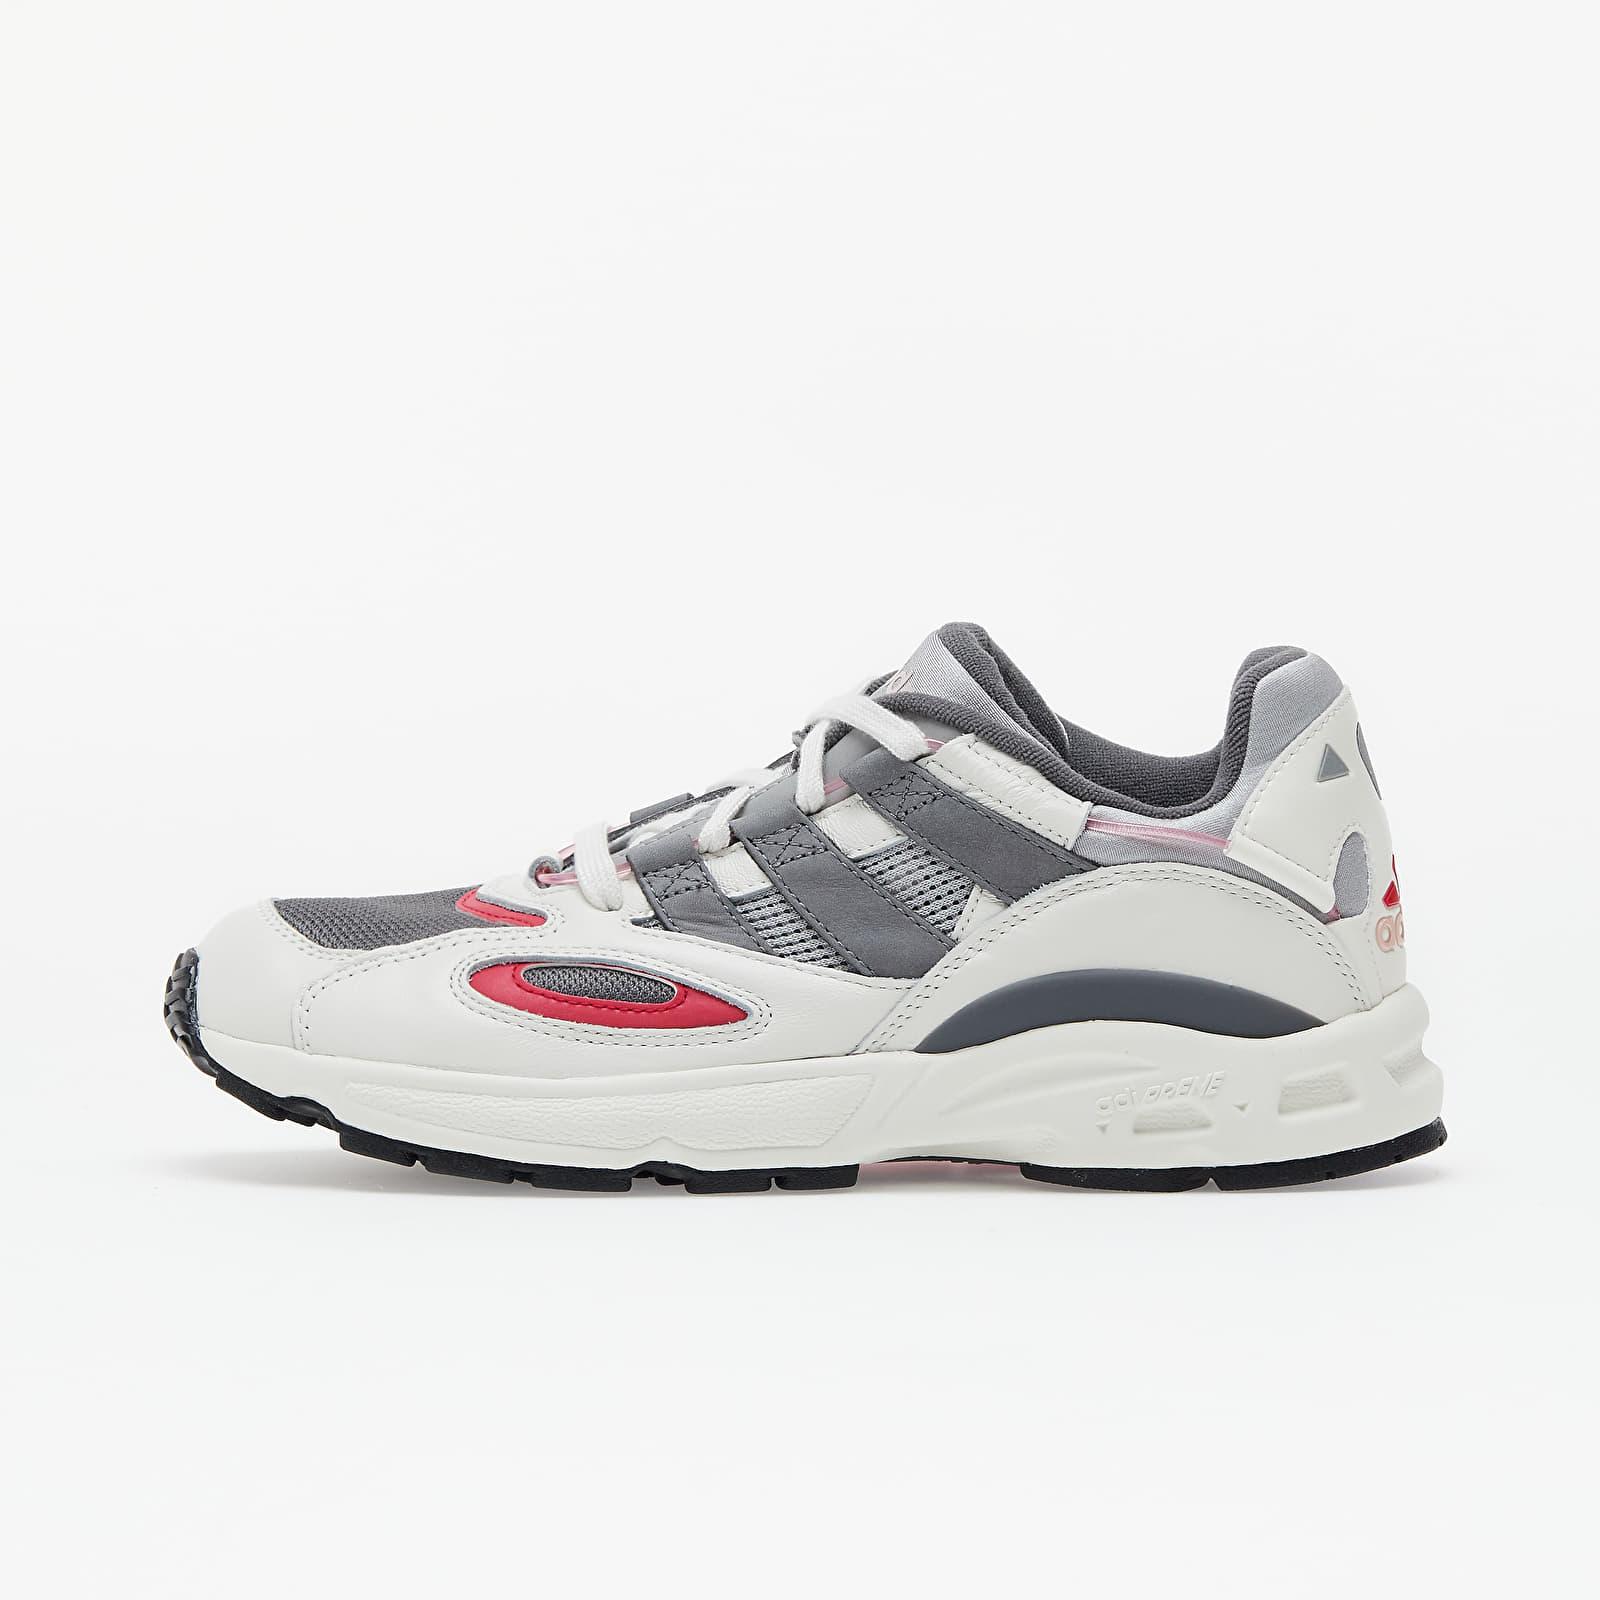 Muške tenisice adidas LXCON 94 Cloud White/ Grey Four/ Energy Pink